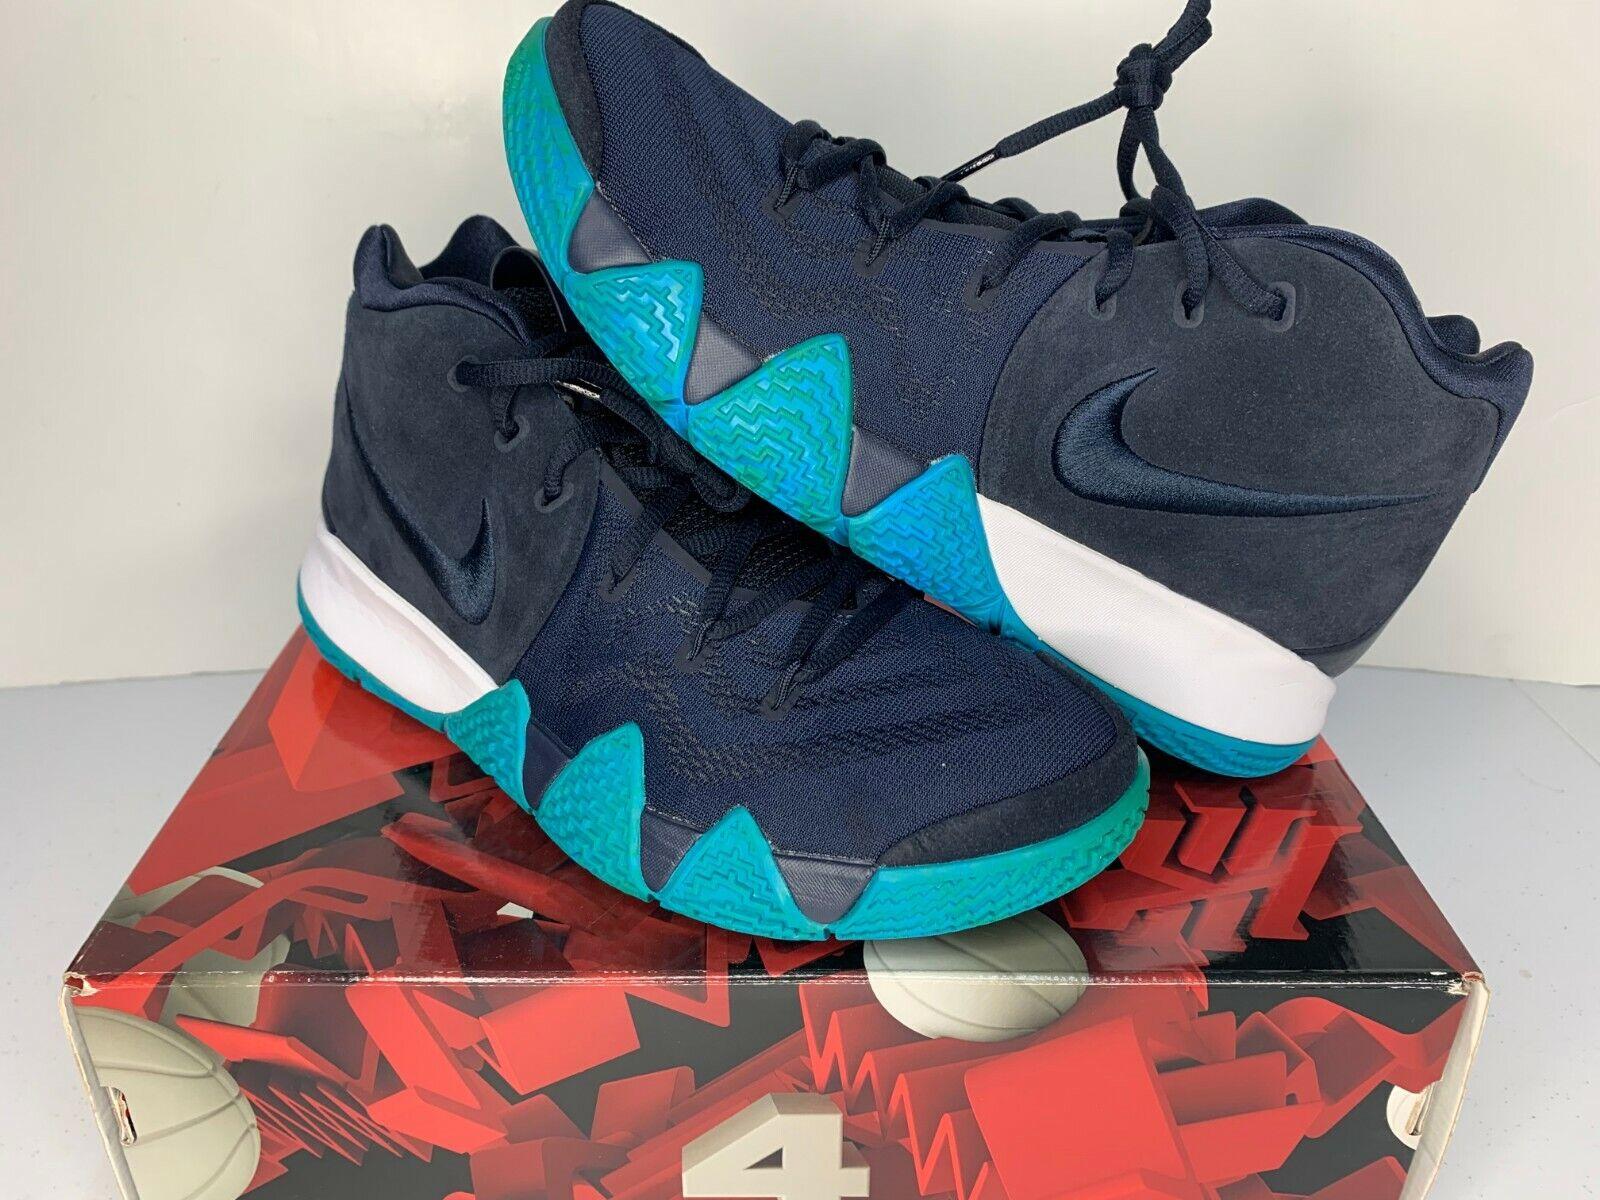 0903c8bcee8 Nike Kyrie 4 Think Twice Dark Obsidian Navy Size 11.5 Men's 943806 ...